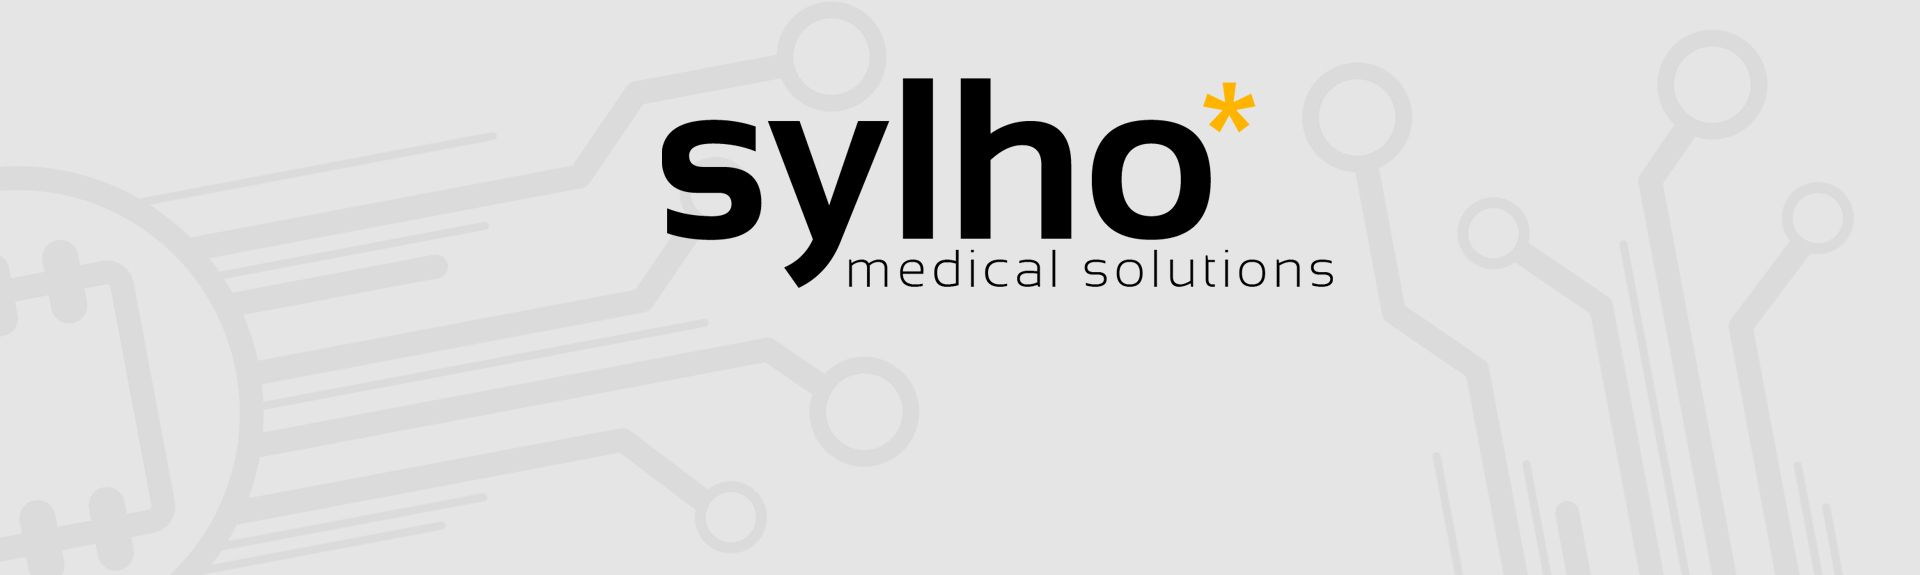 Sylho verzamelt een half miljoen euros voor de begeleiding van dokters en specialisten in hun digitale overstap